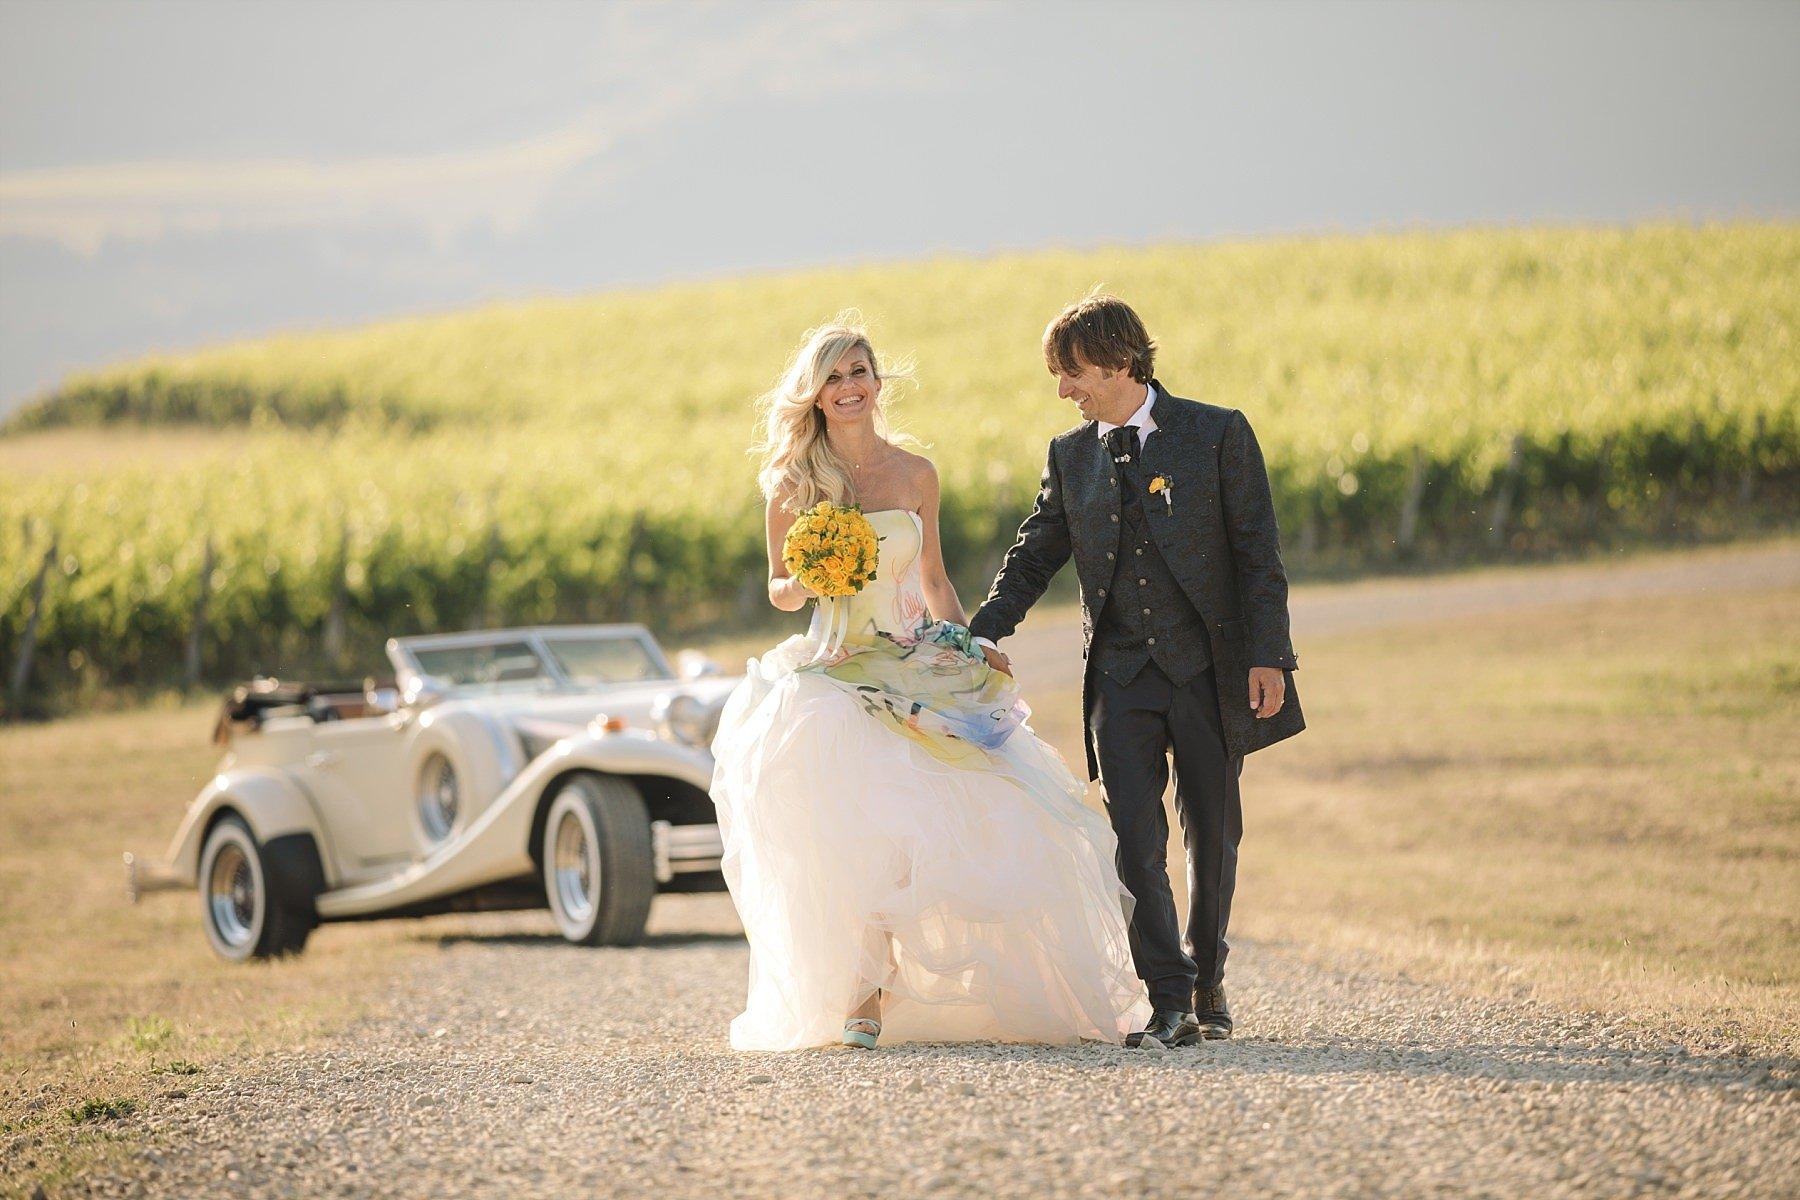 Reportage di sposi che camminano nelle vigne in toscana con la macchina in sfondo